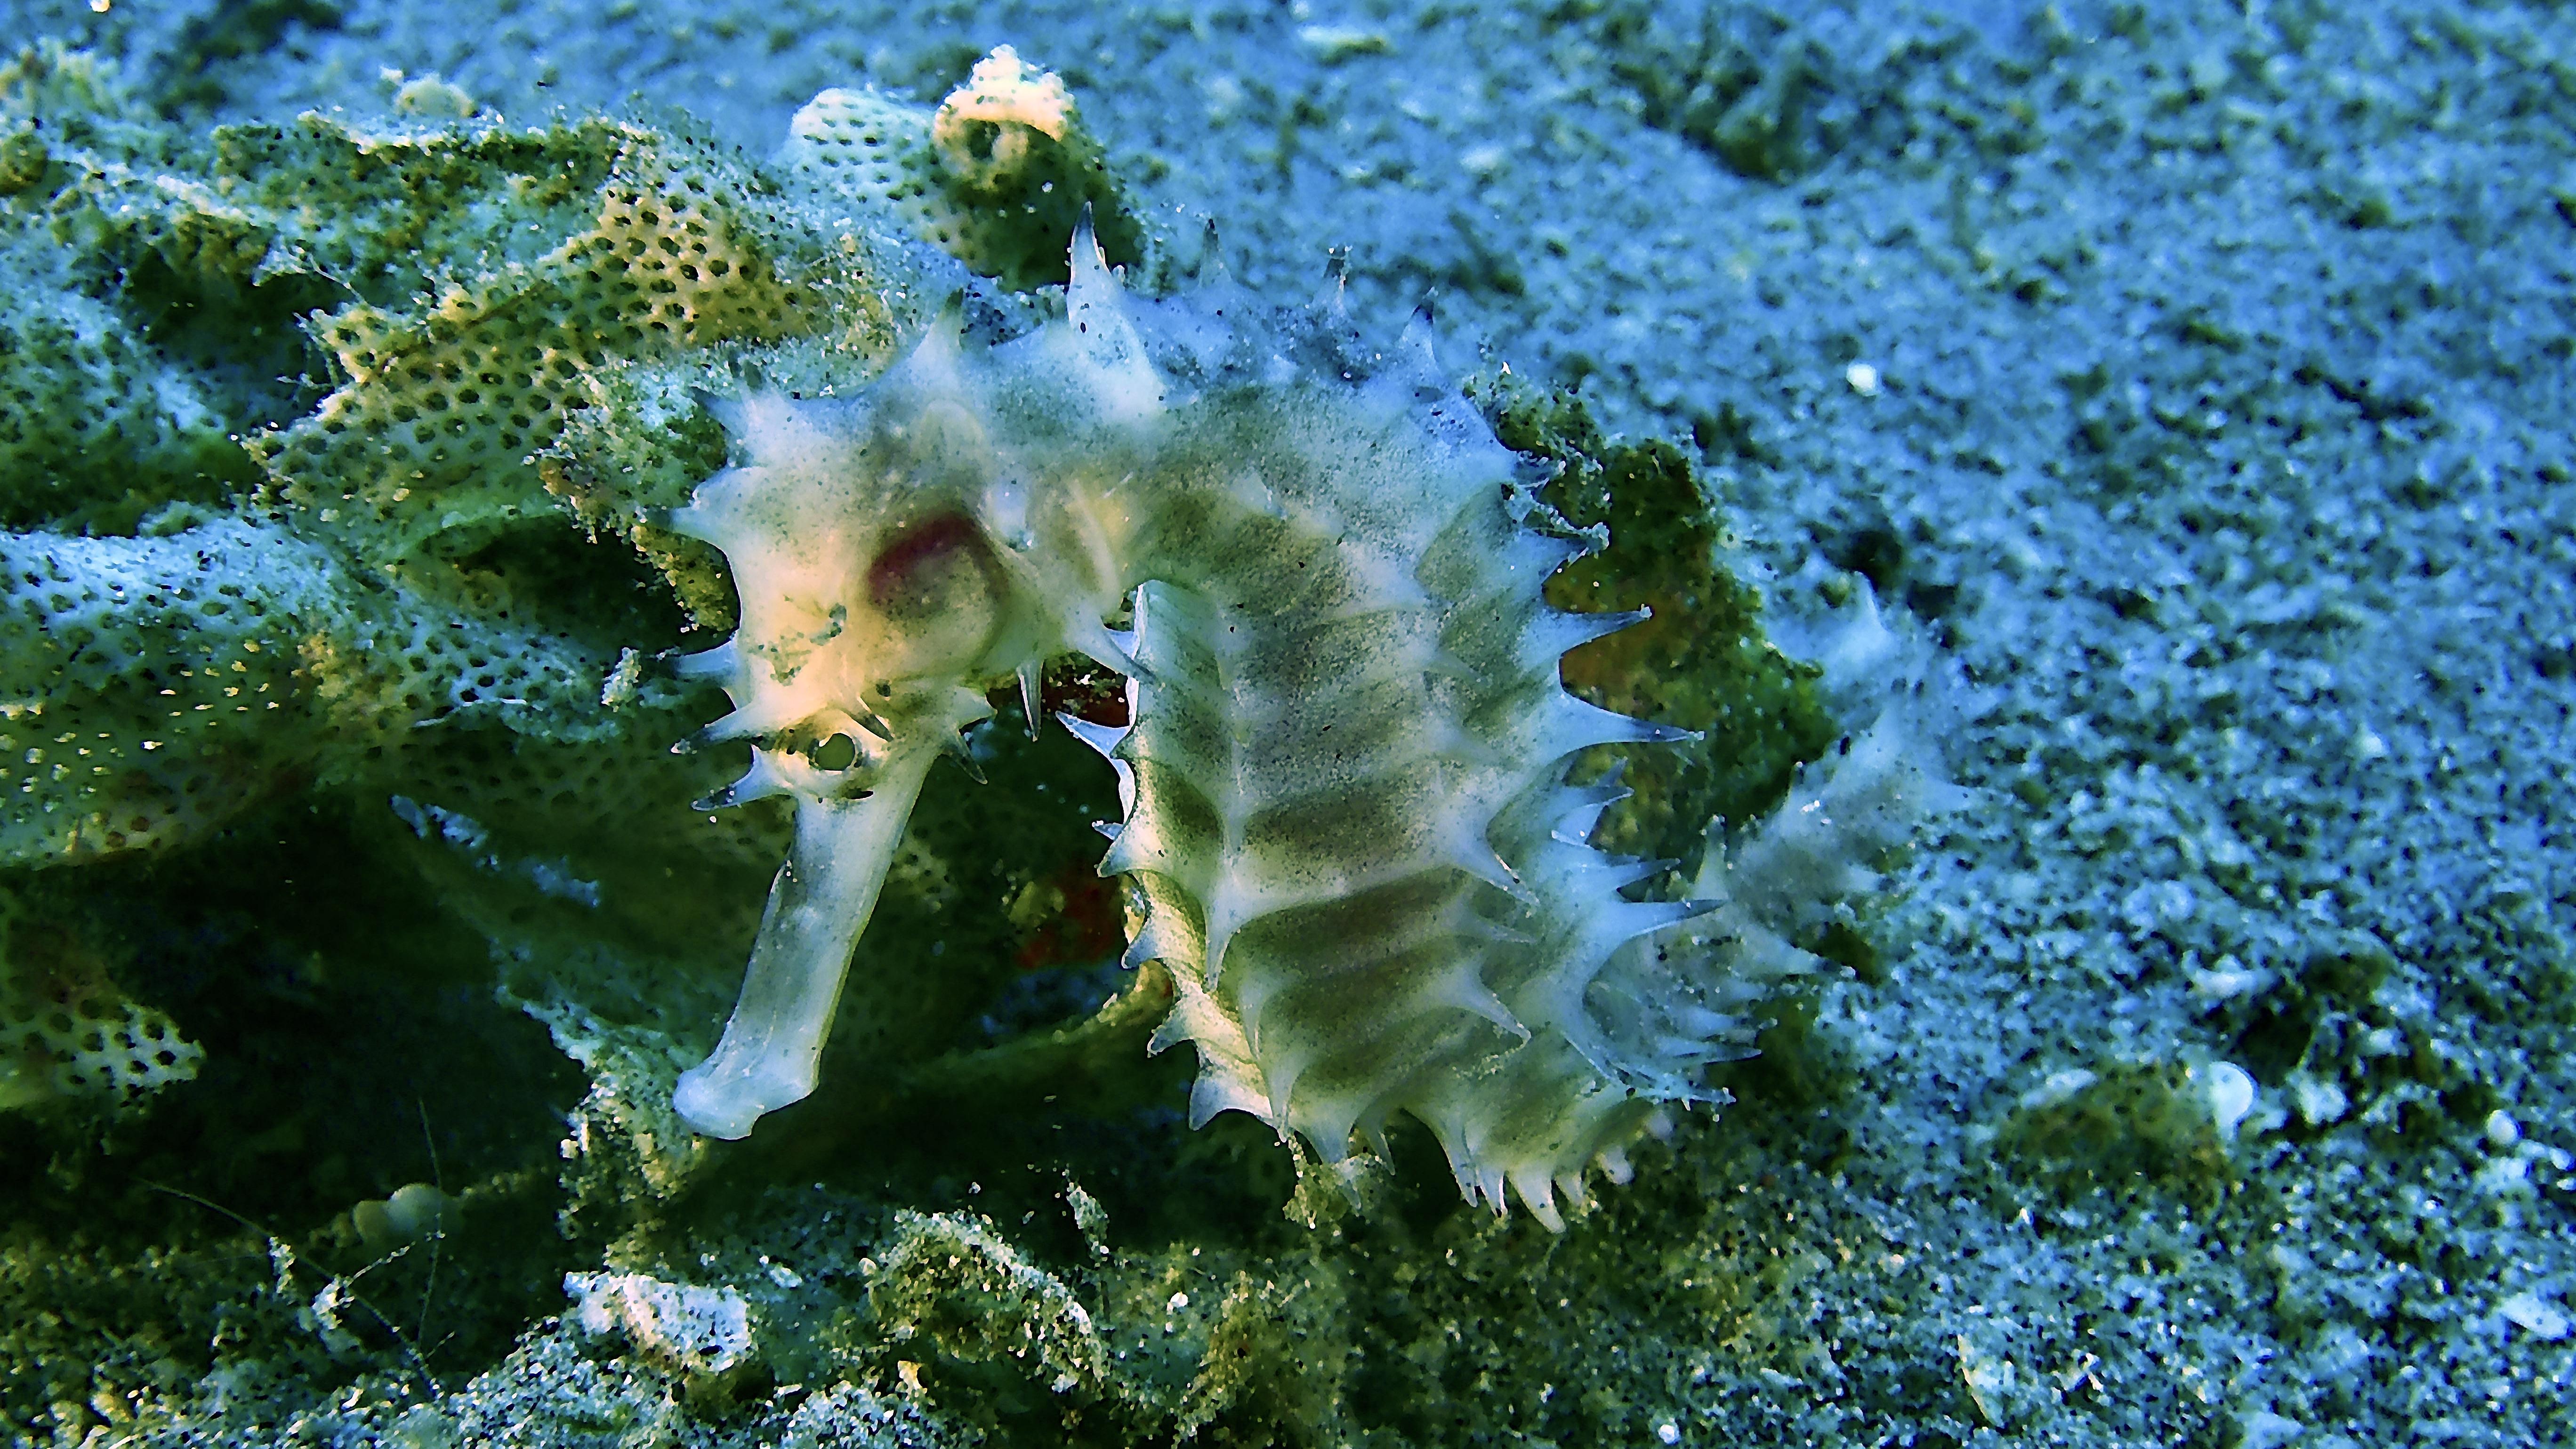 Thorny Seahorse Philippines